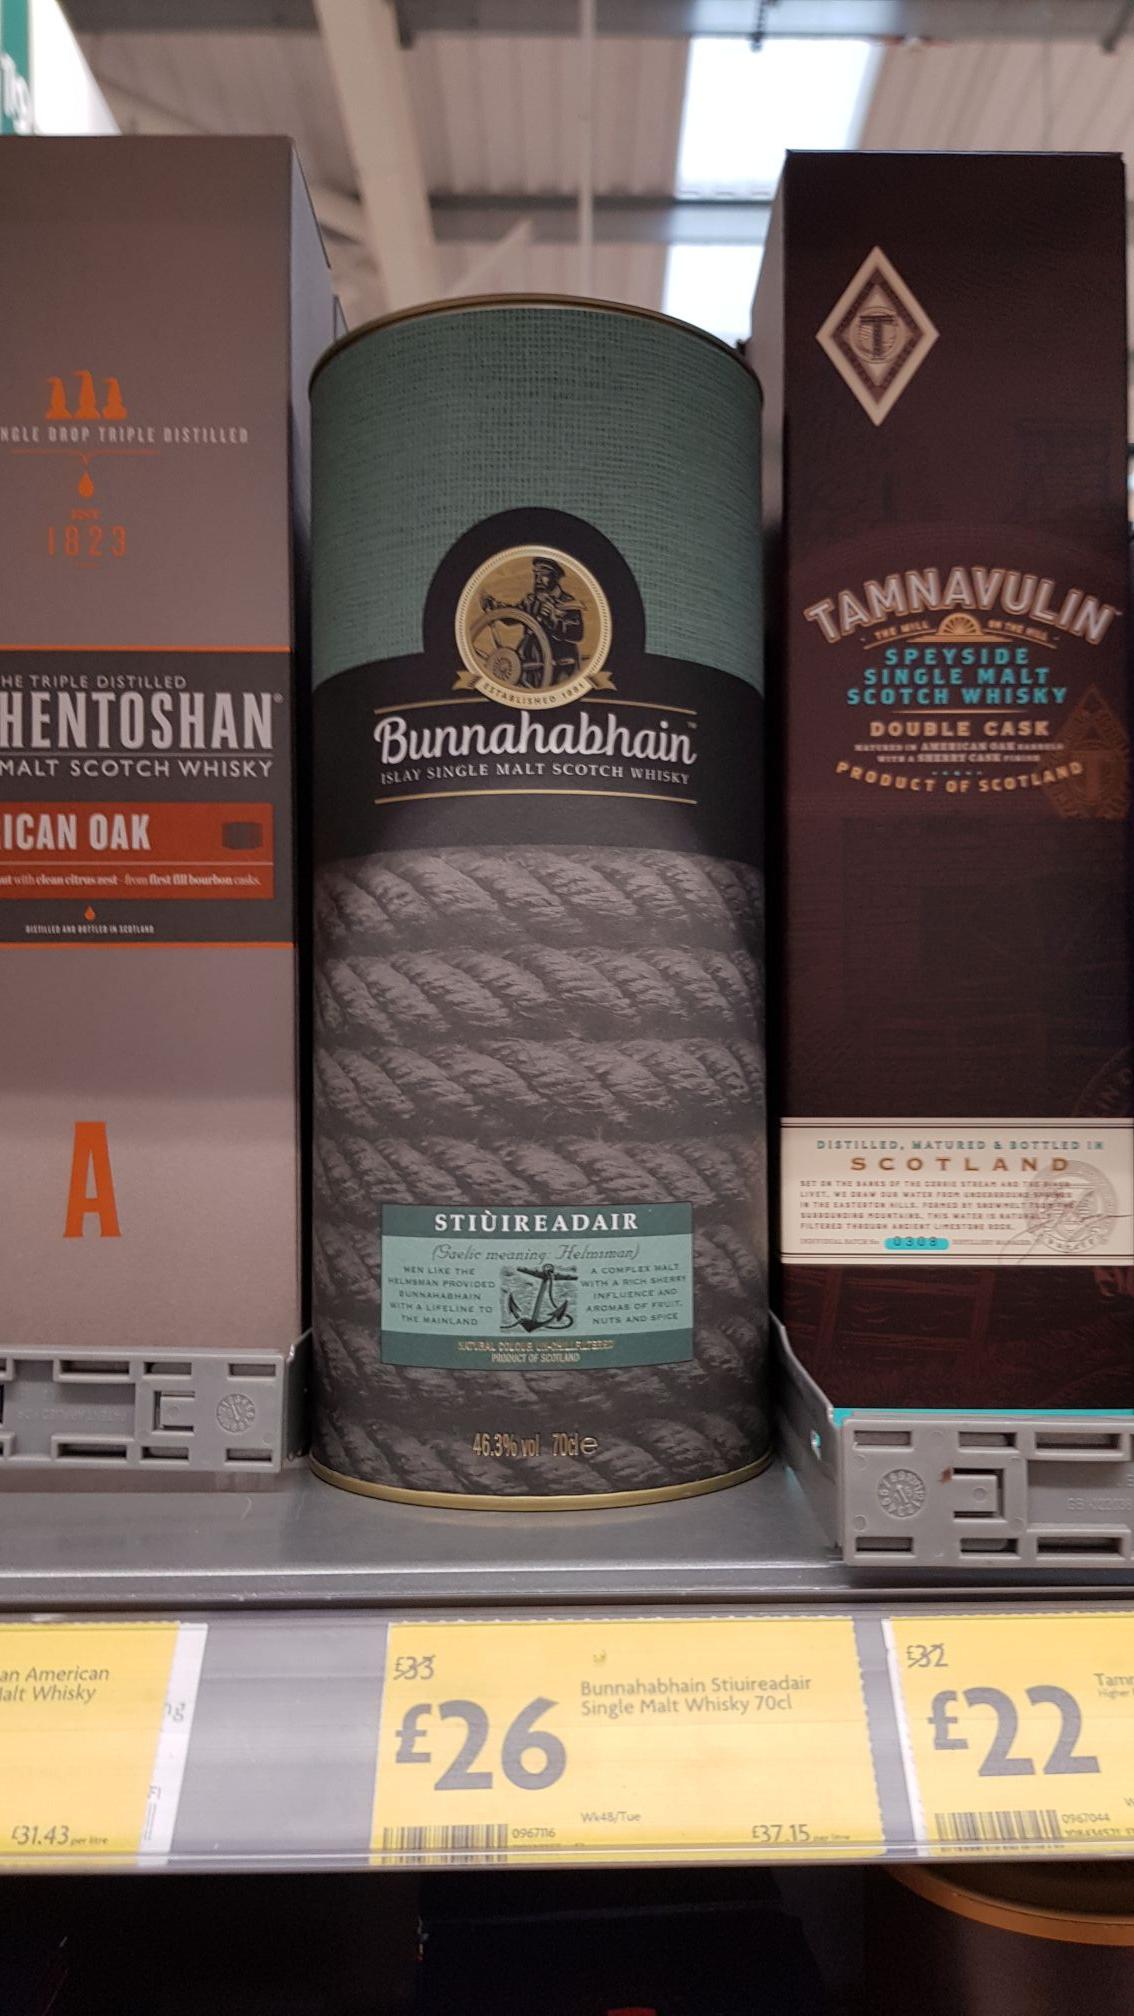 Bunnahabhain Stiùireadair Single Malt Whisky 70cl £26 Morrisons instore